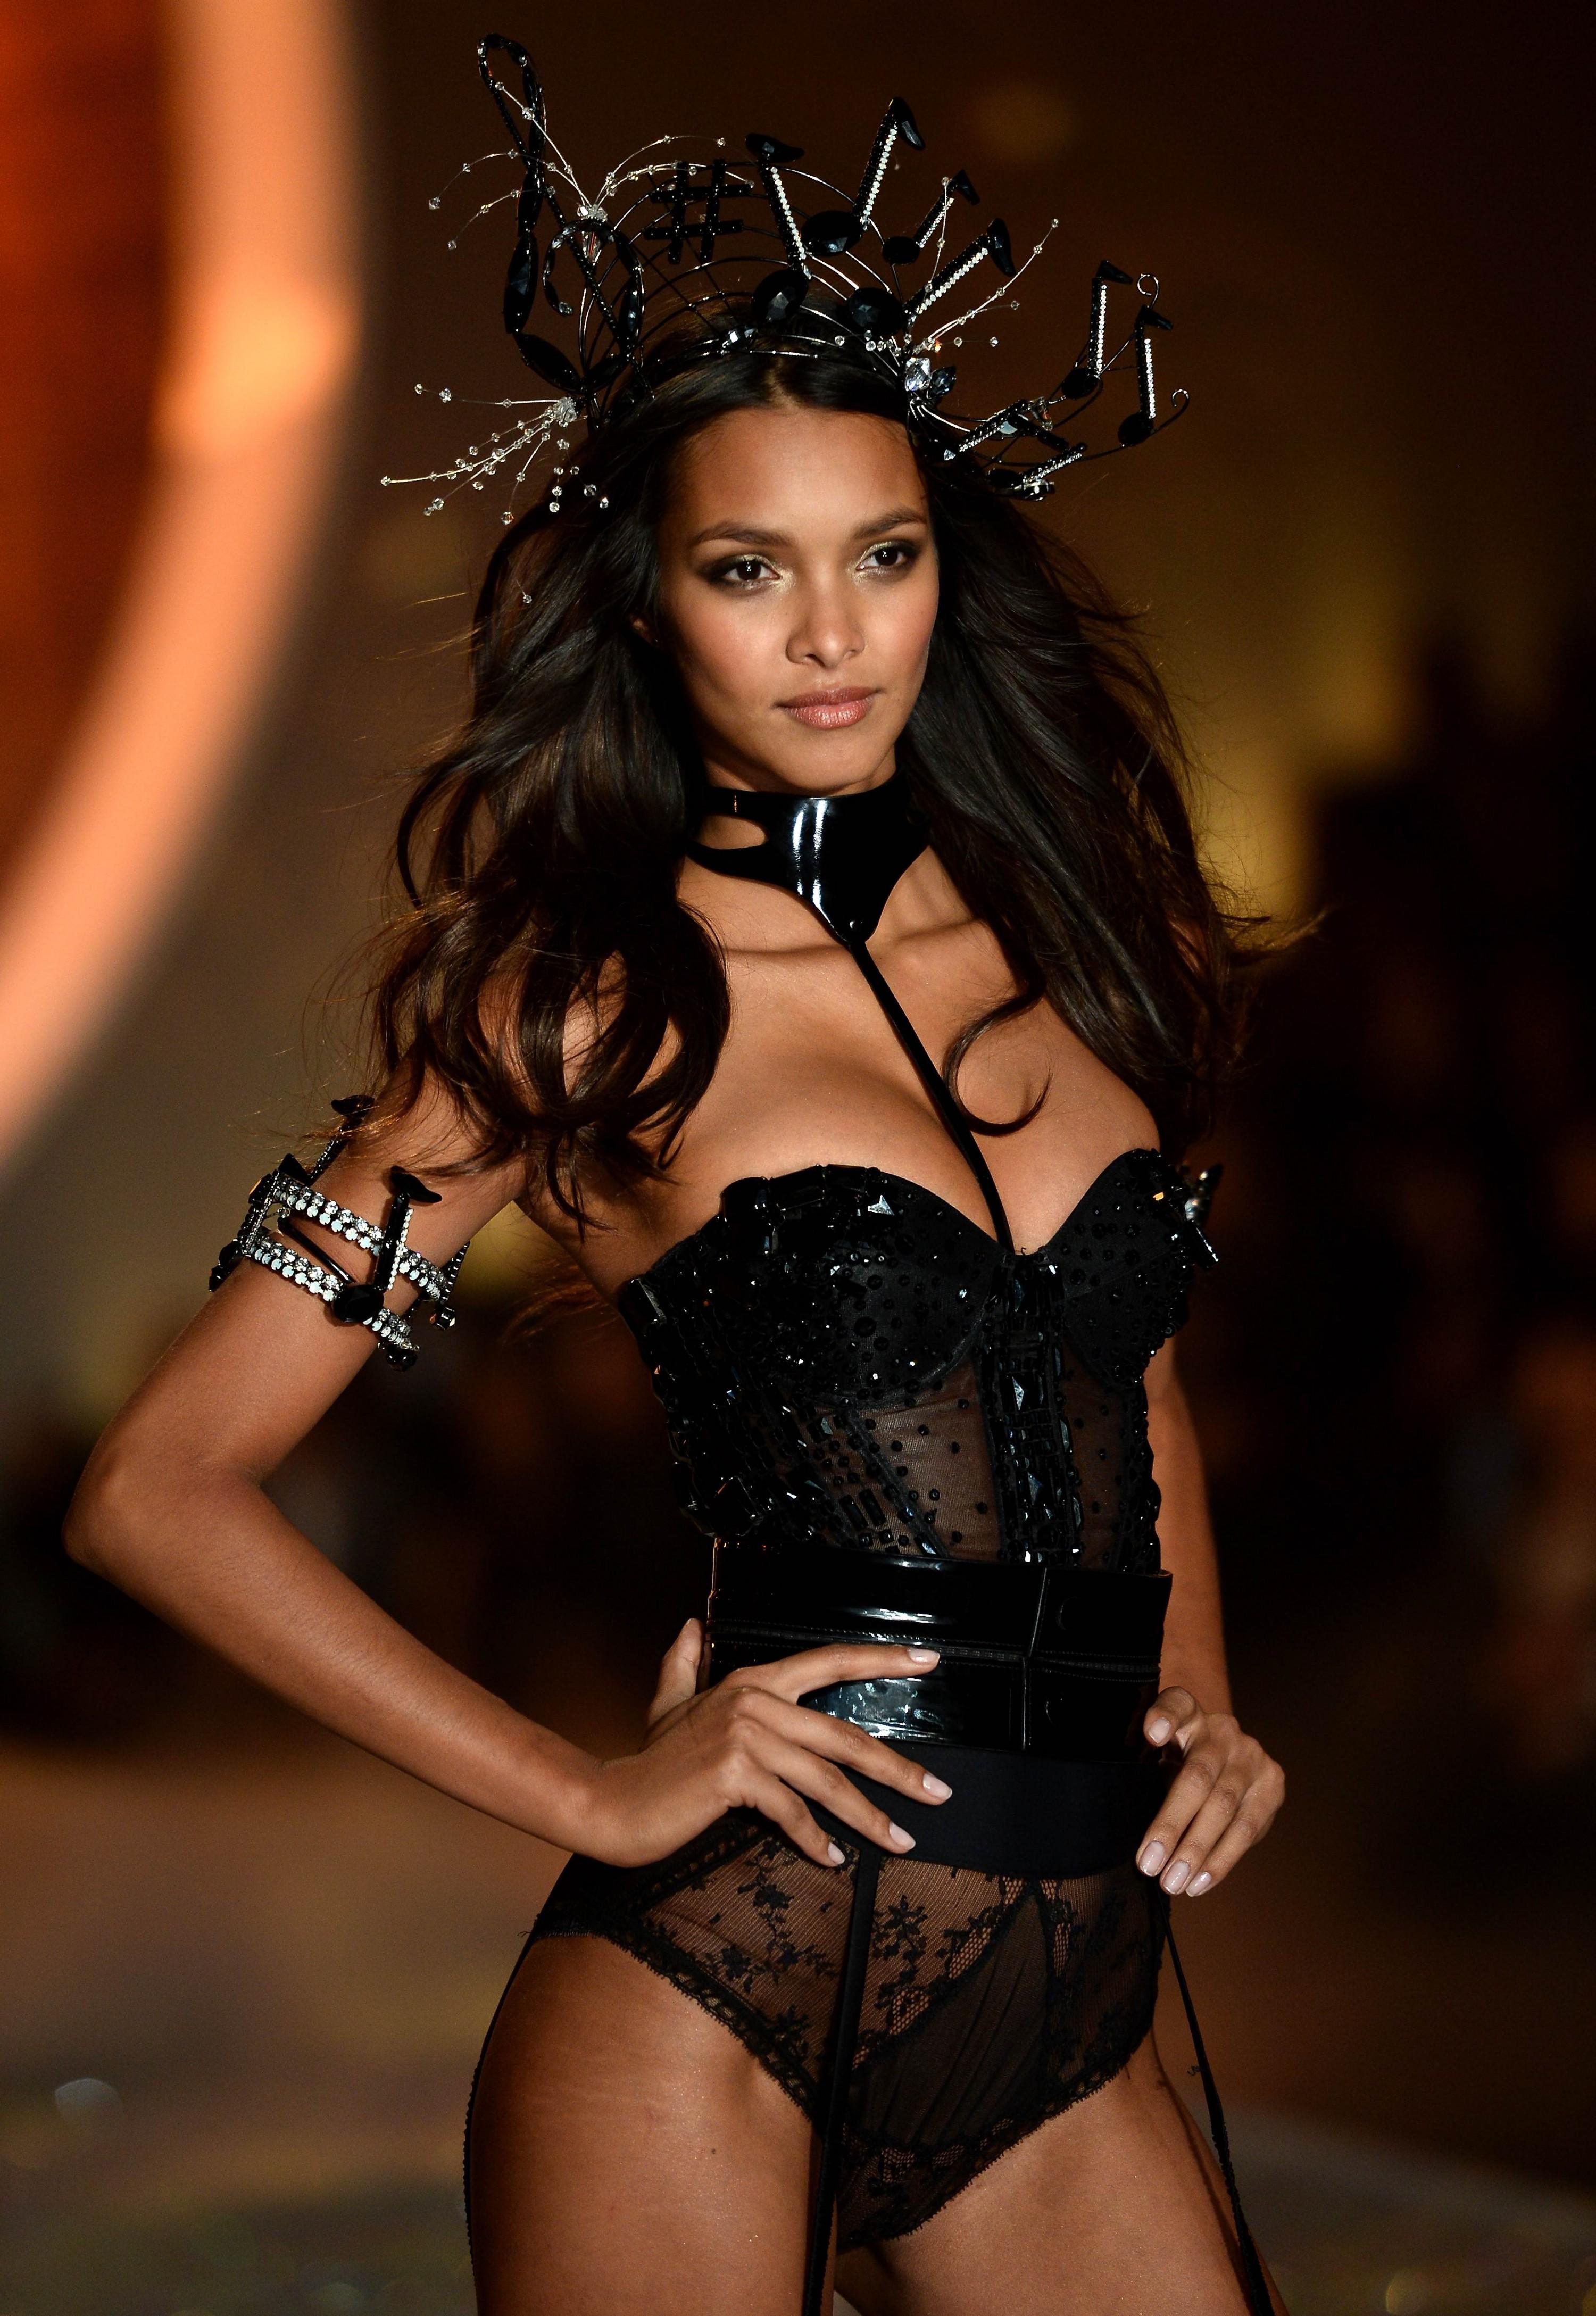 Đây là 54 người mẫu sẽ sải bước tại Victorias Secret Fashion Show sắp tới! - Ảnh 5.